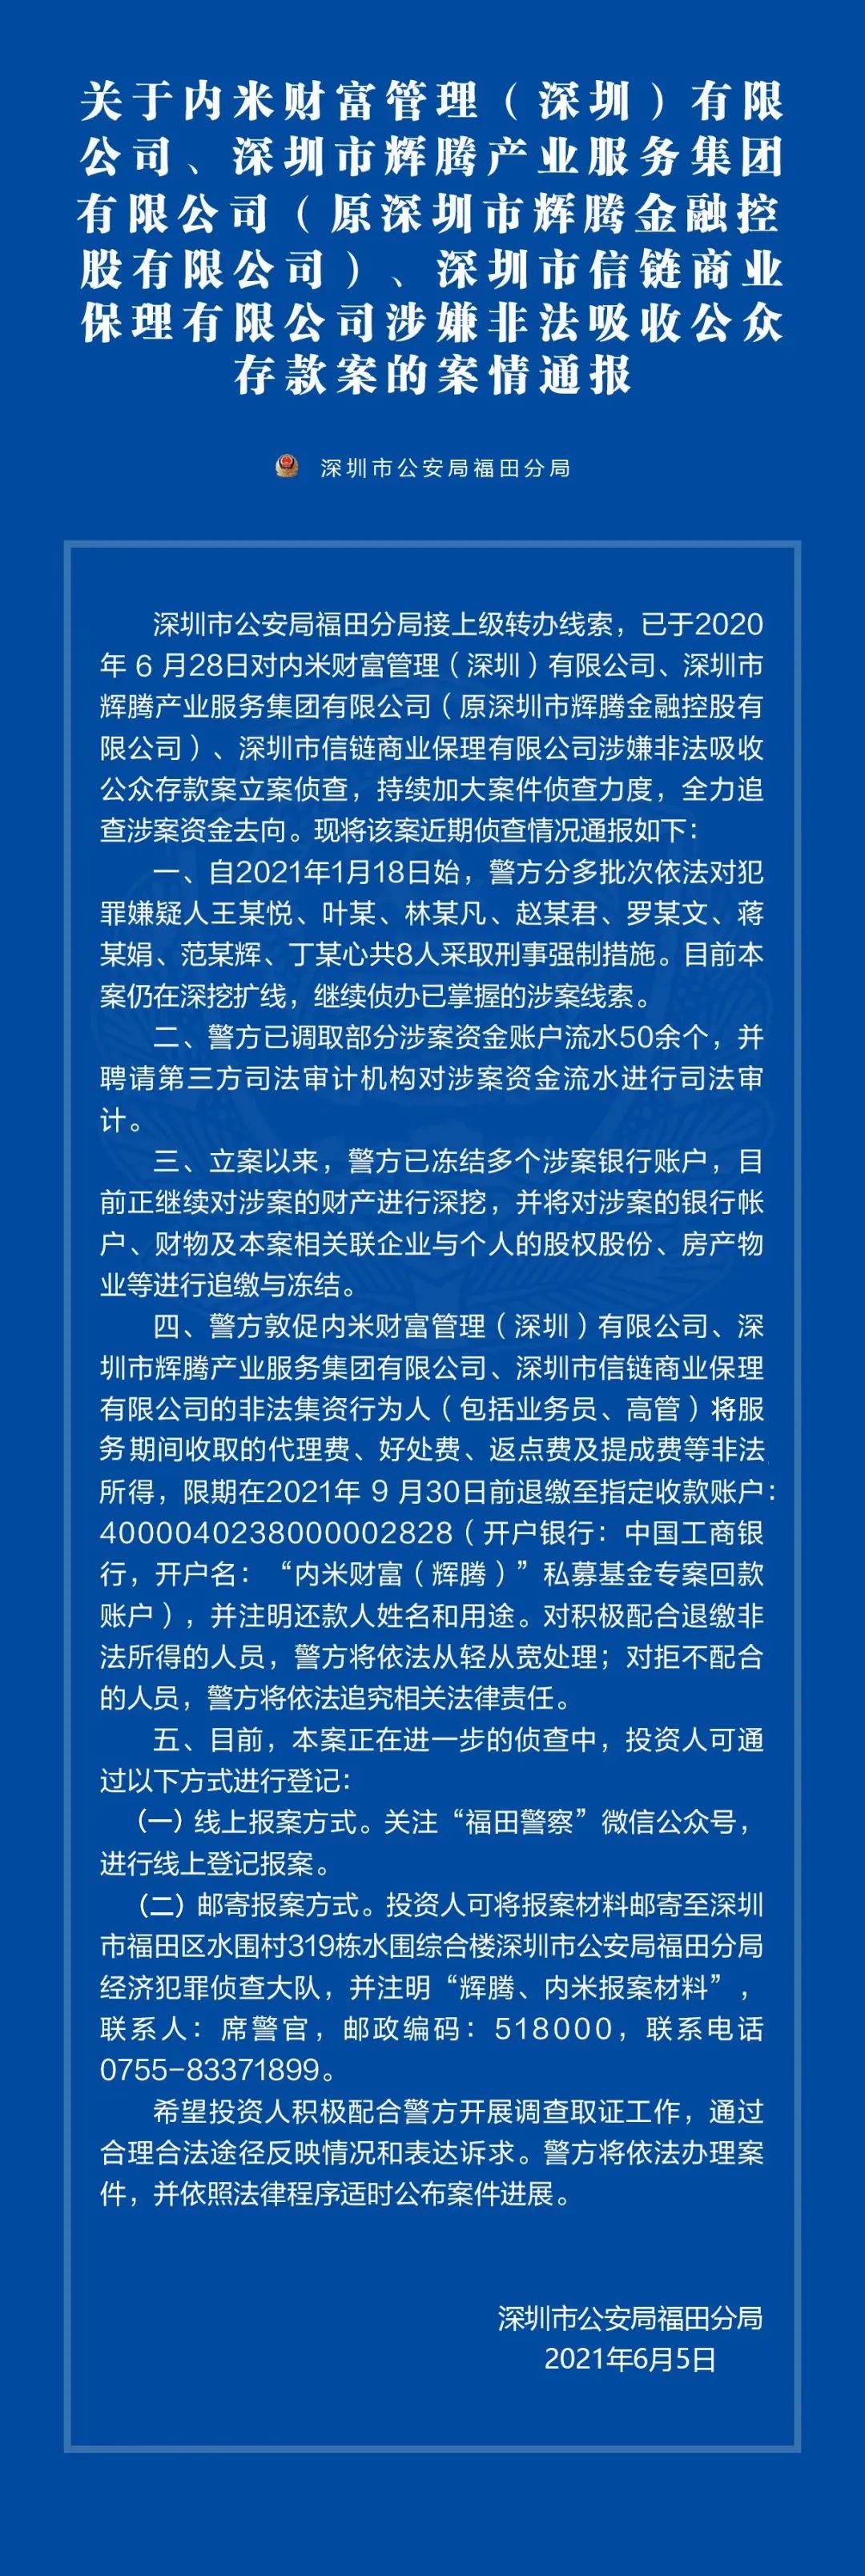 深圳立案P2P内米财富新进展 8人已被采取刑事强制措施